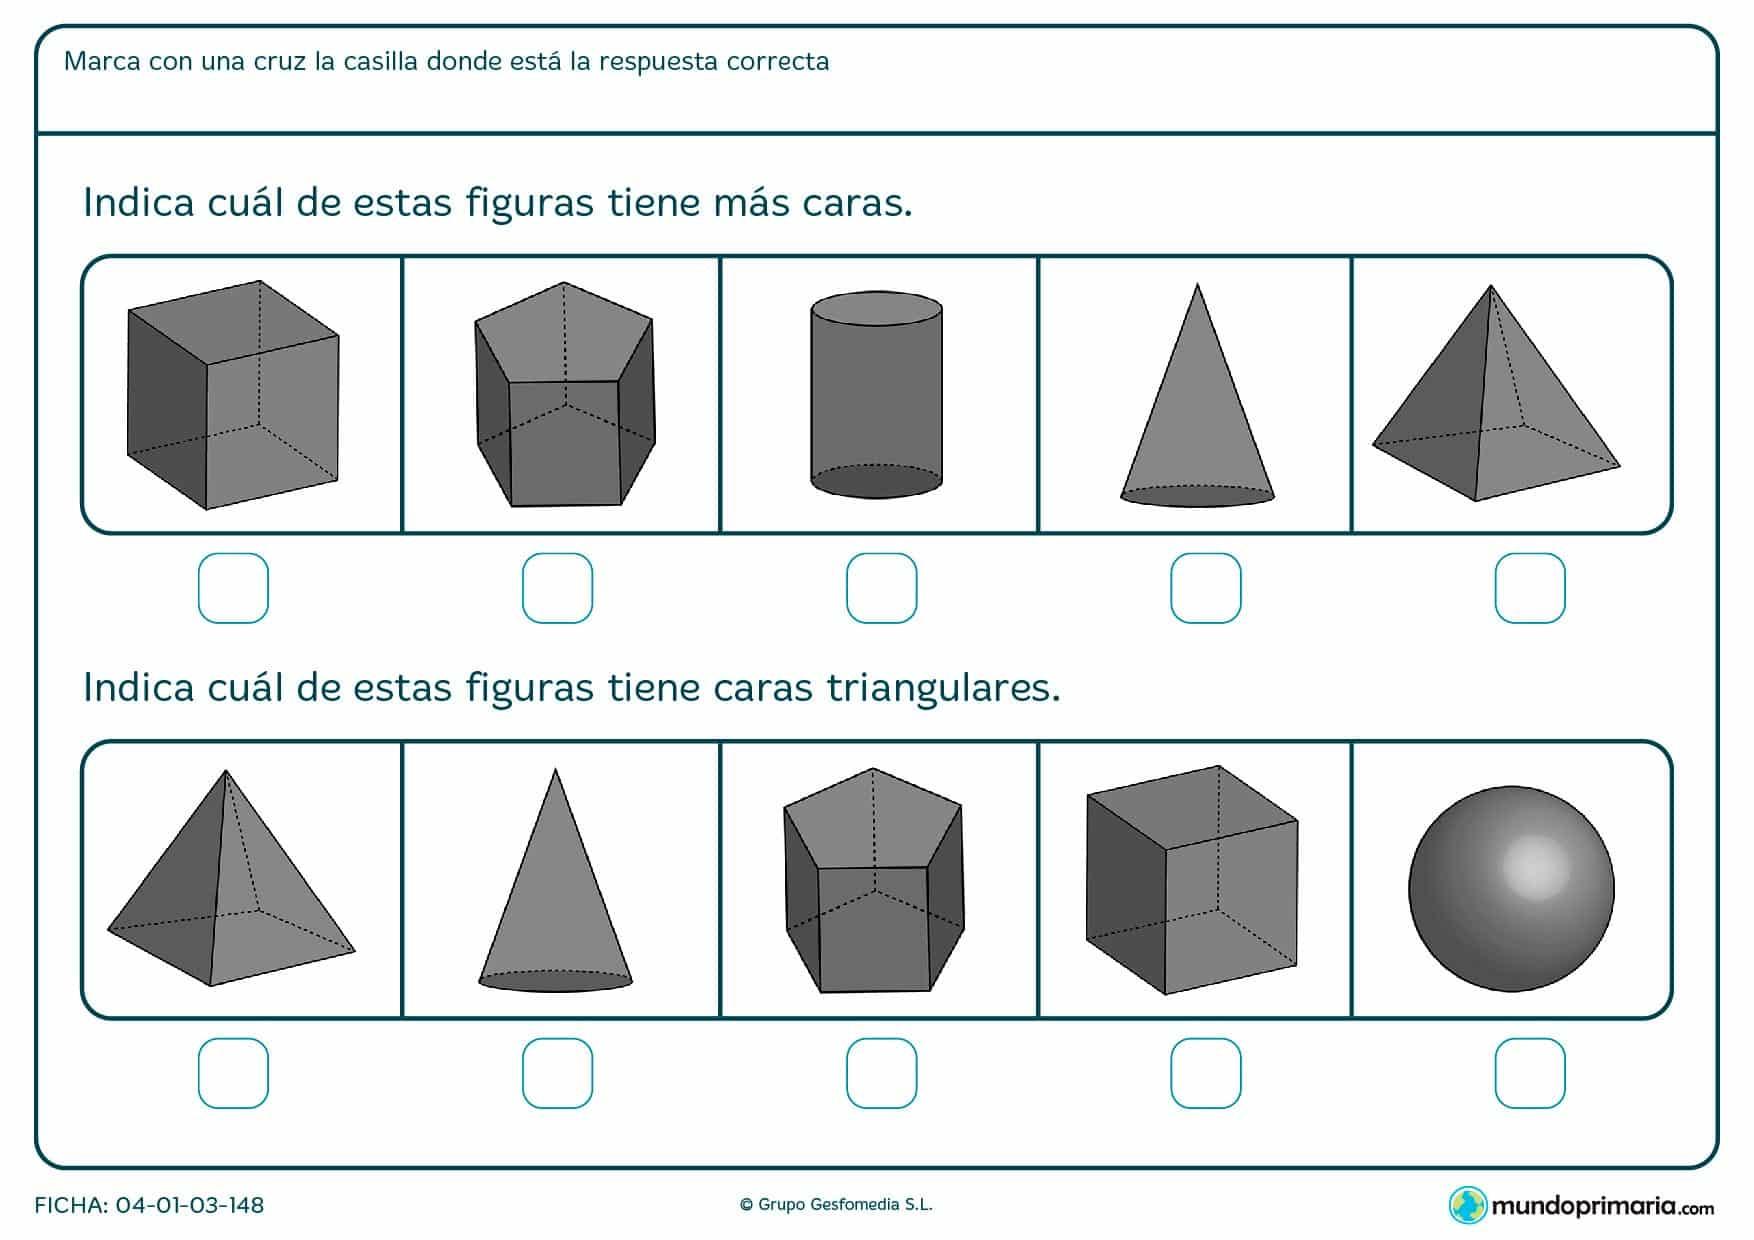 Ficha de número de caras de figuras geométricas consistente en elegir la correspondiente a lo que se te pide.